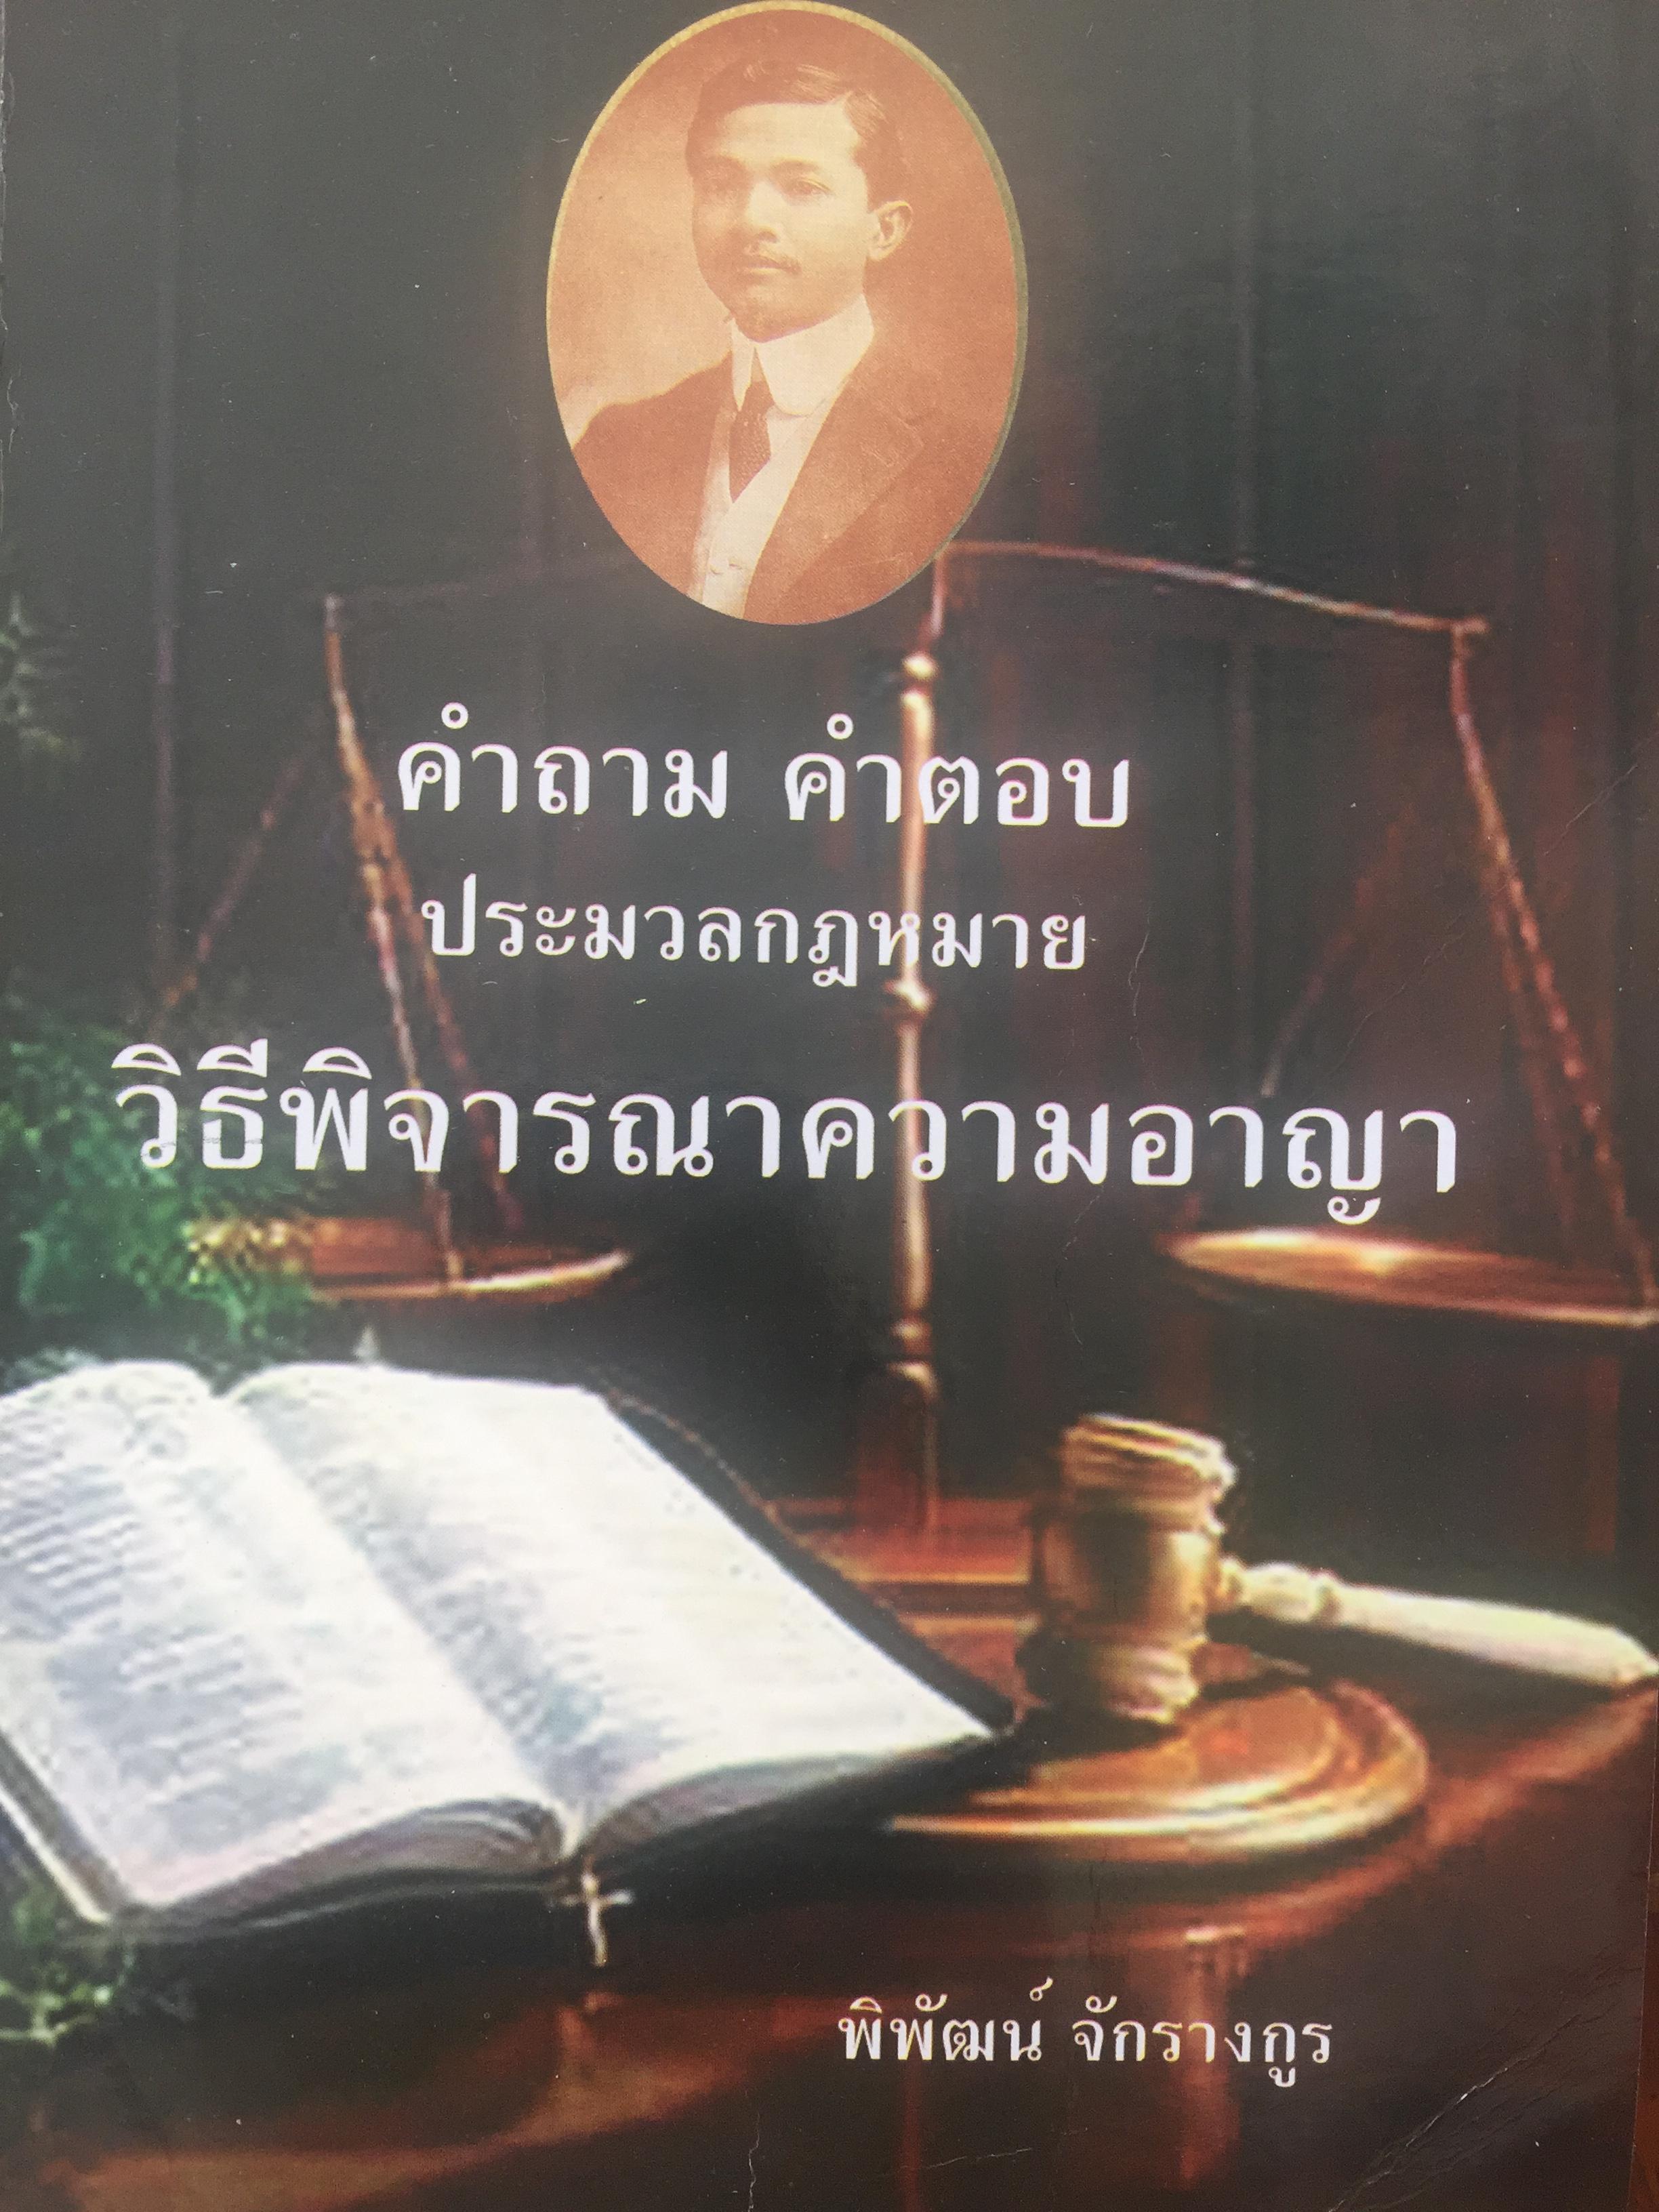 คำถาม คำตอบ ประมวลกฎหมายวิธีพิจารณาความอาญา ผู้เขียน พิพัฒน์ จักรางกูร